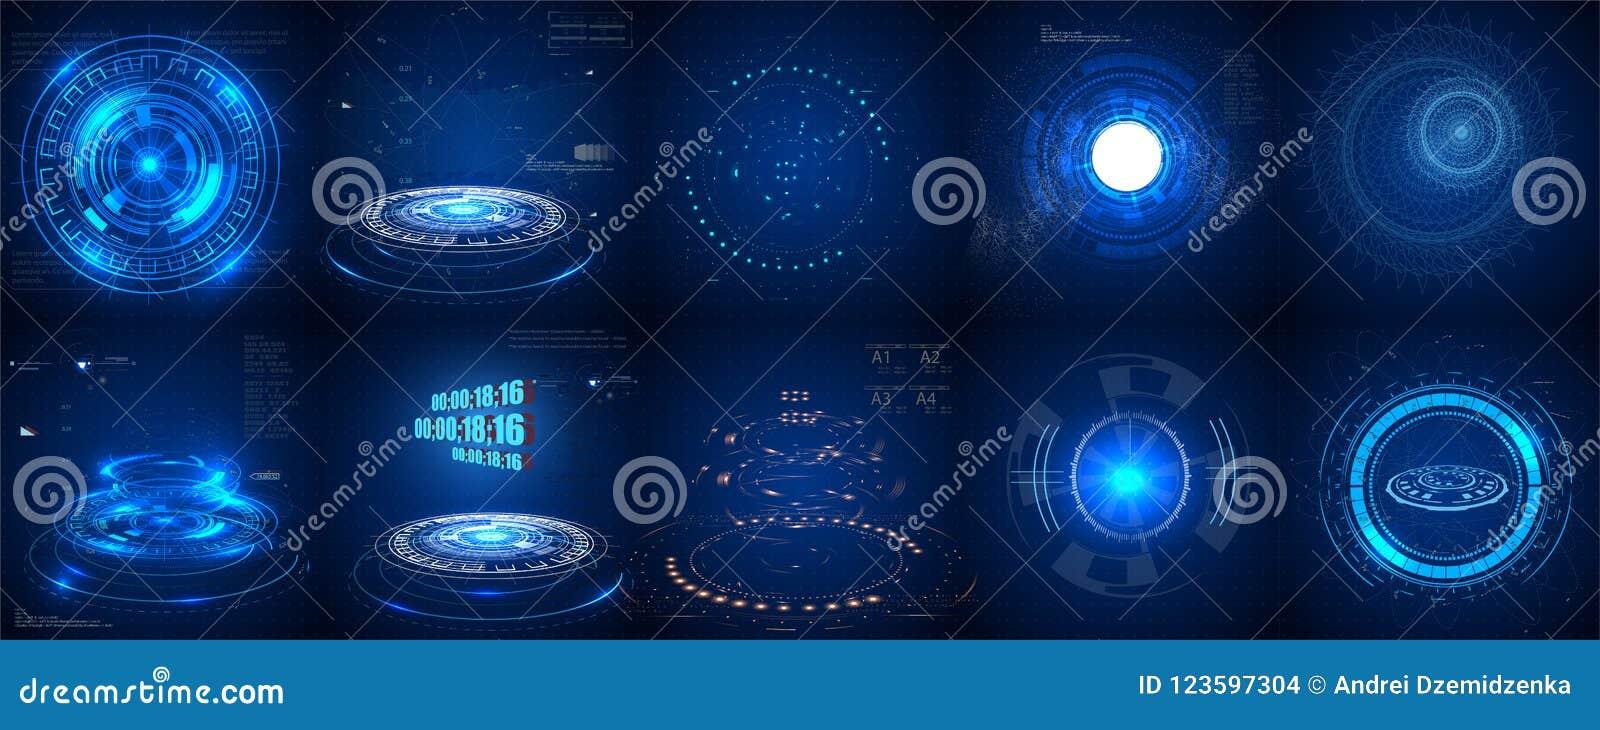 Hud futurystyczny element Set okrąg Abstrakcjonistyczna technologia cyfrowa UI Futurystyczny HUD